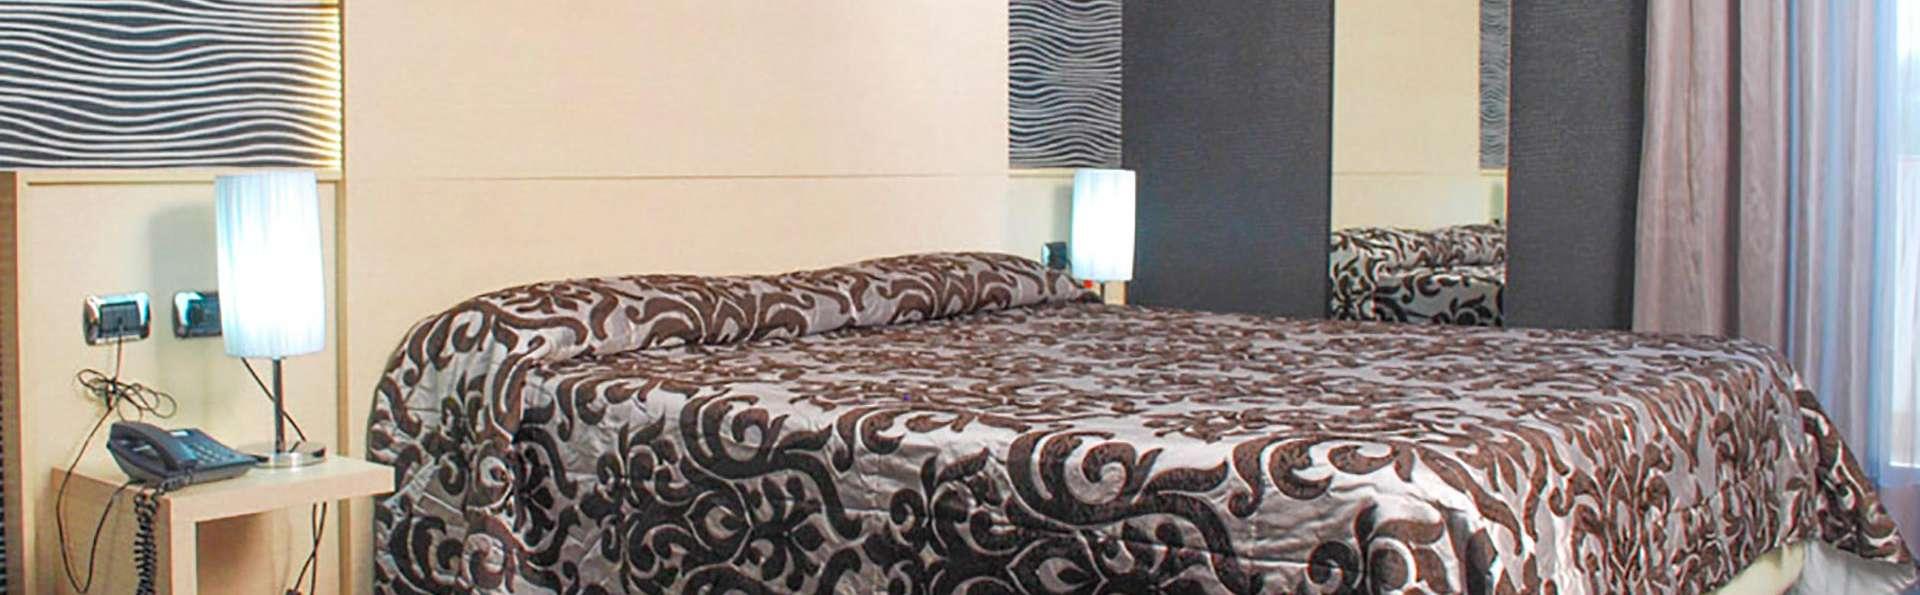 Hotel Premiere - EDIT_room6.jpg